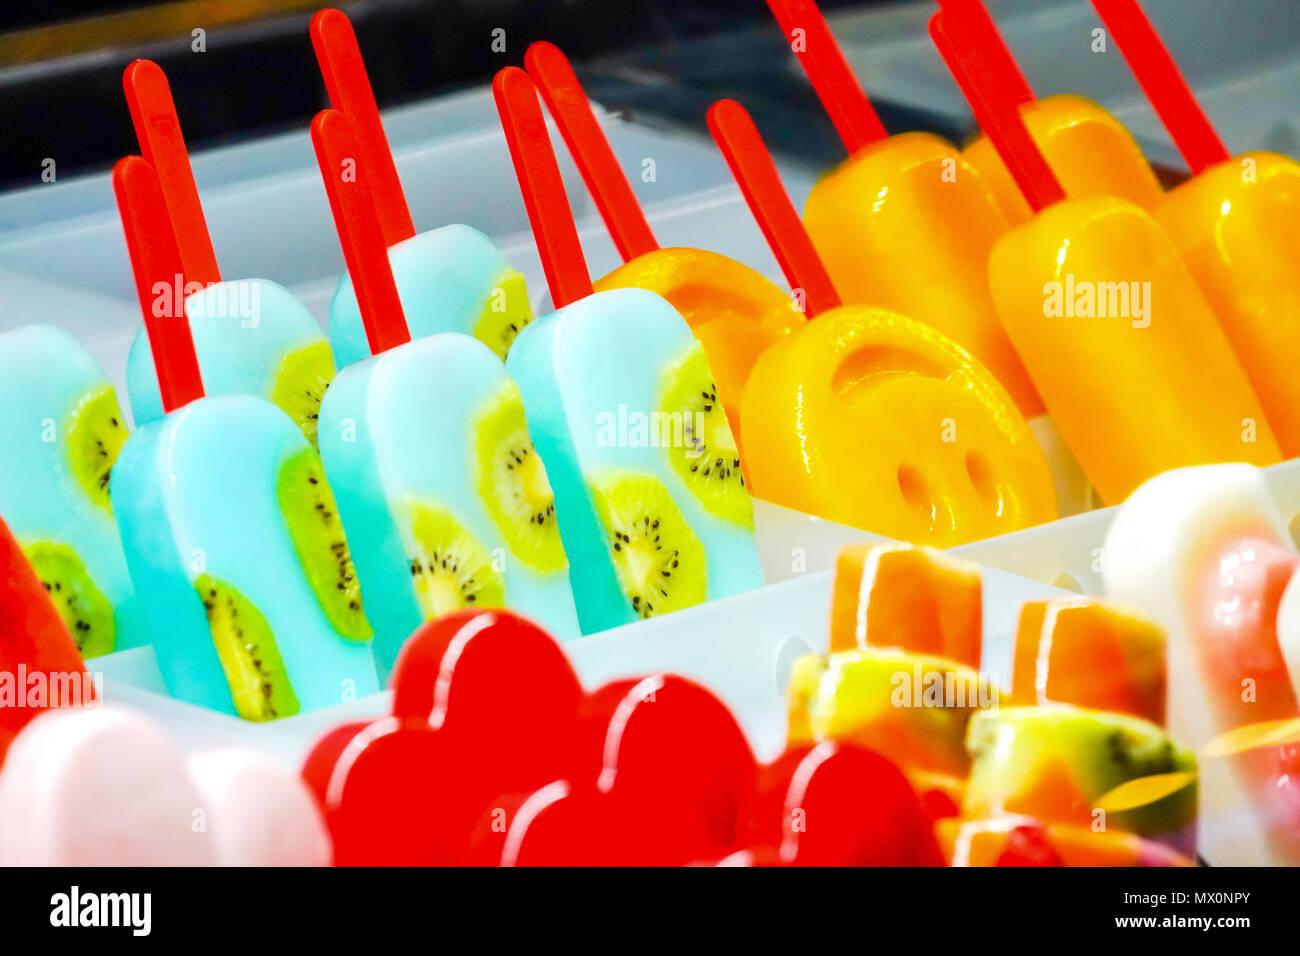 Arrangiert Thirteen fruchtig; Kiwi, Erdbeeren, Berry, Drachenfrucht, Papaya, Mango, Minze, Schokolade, Milch, Orange, Ananas Eis stick, in froz eingefroren Stockbild